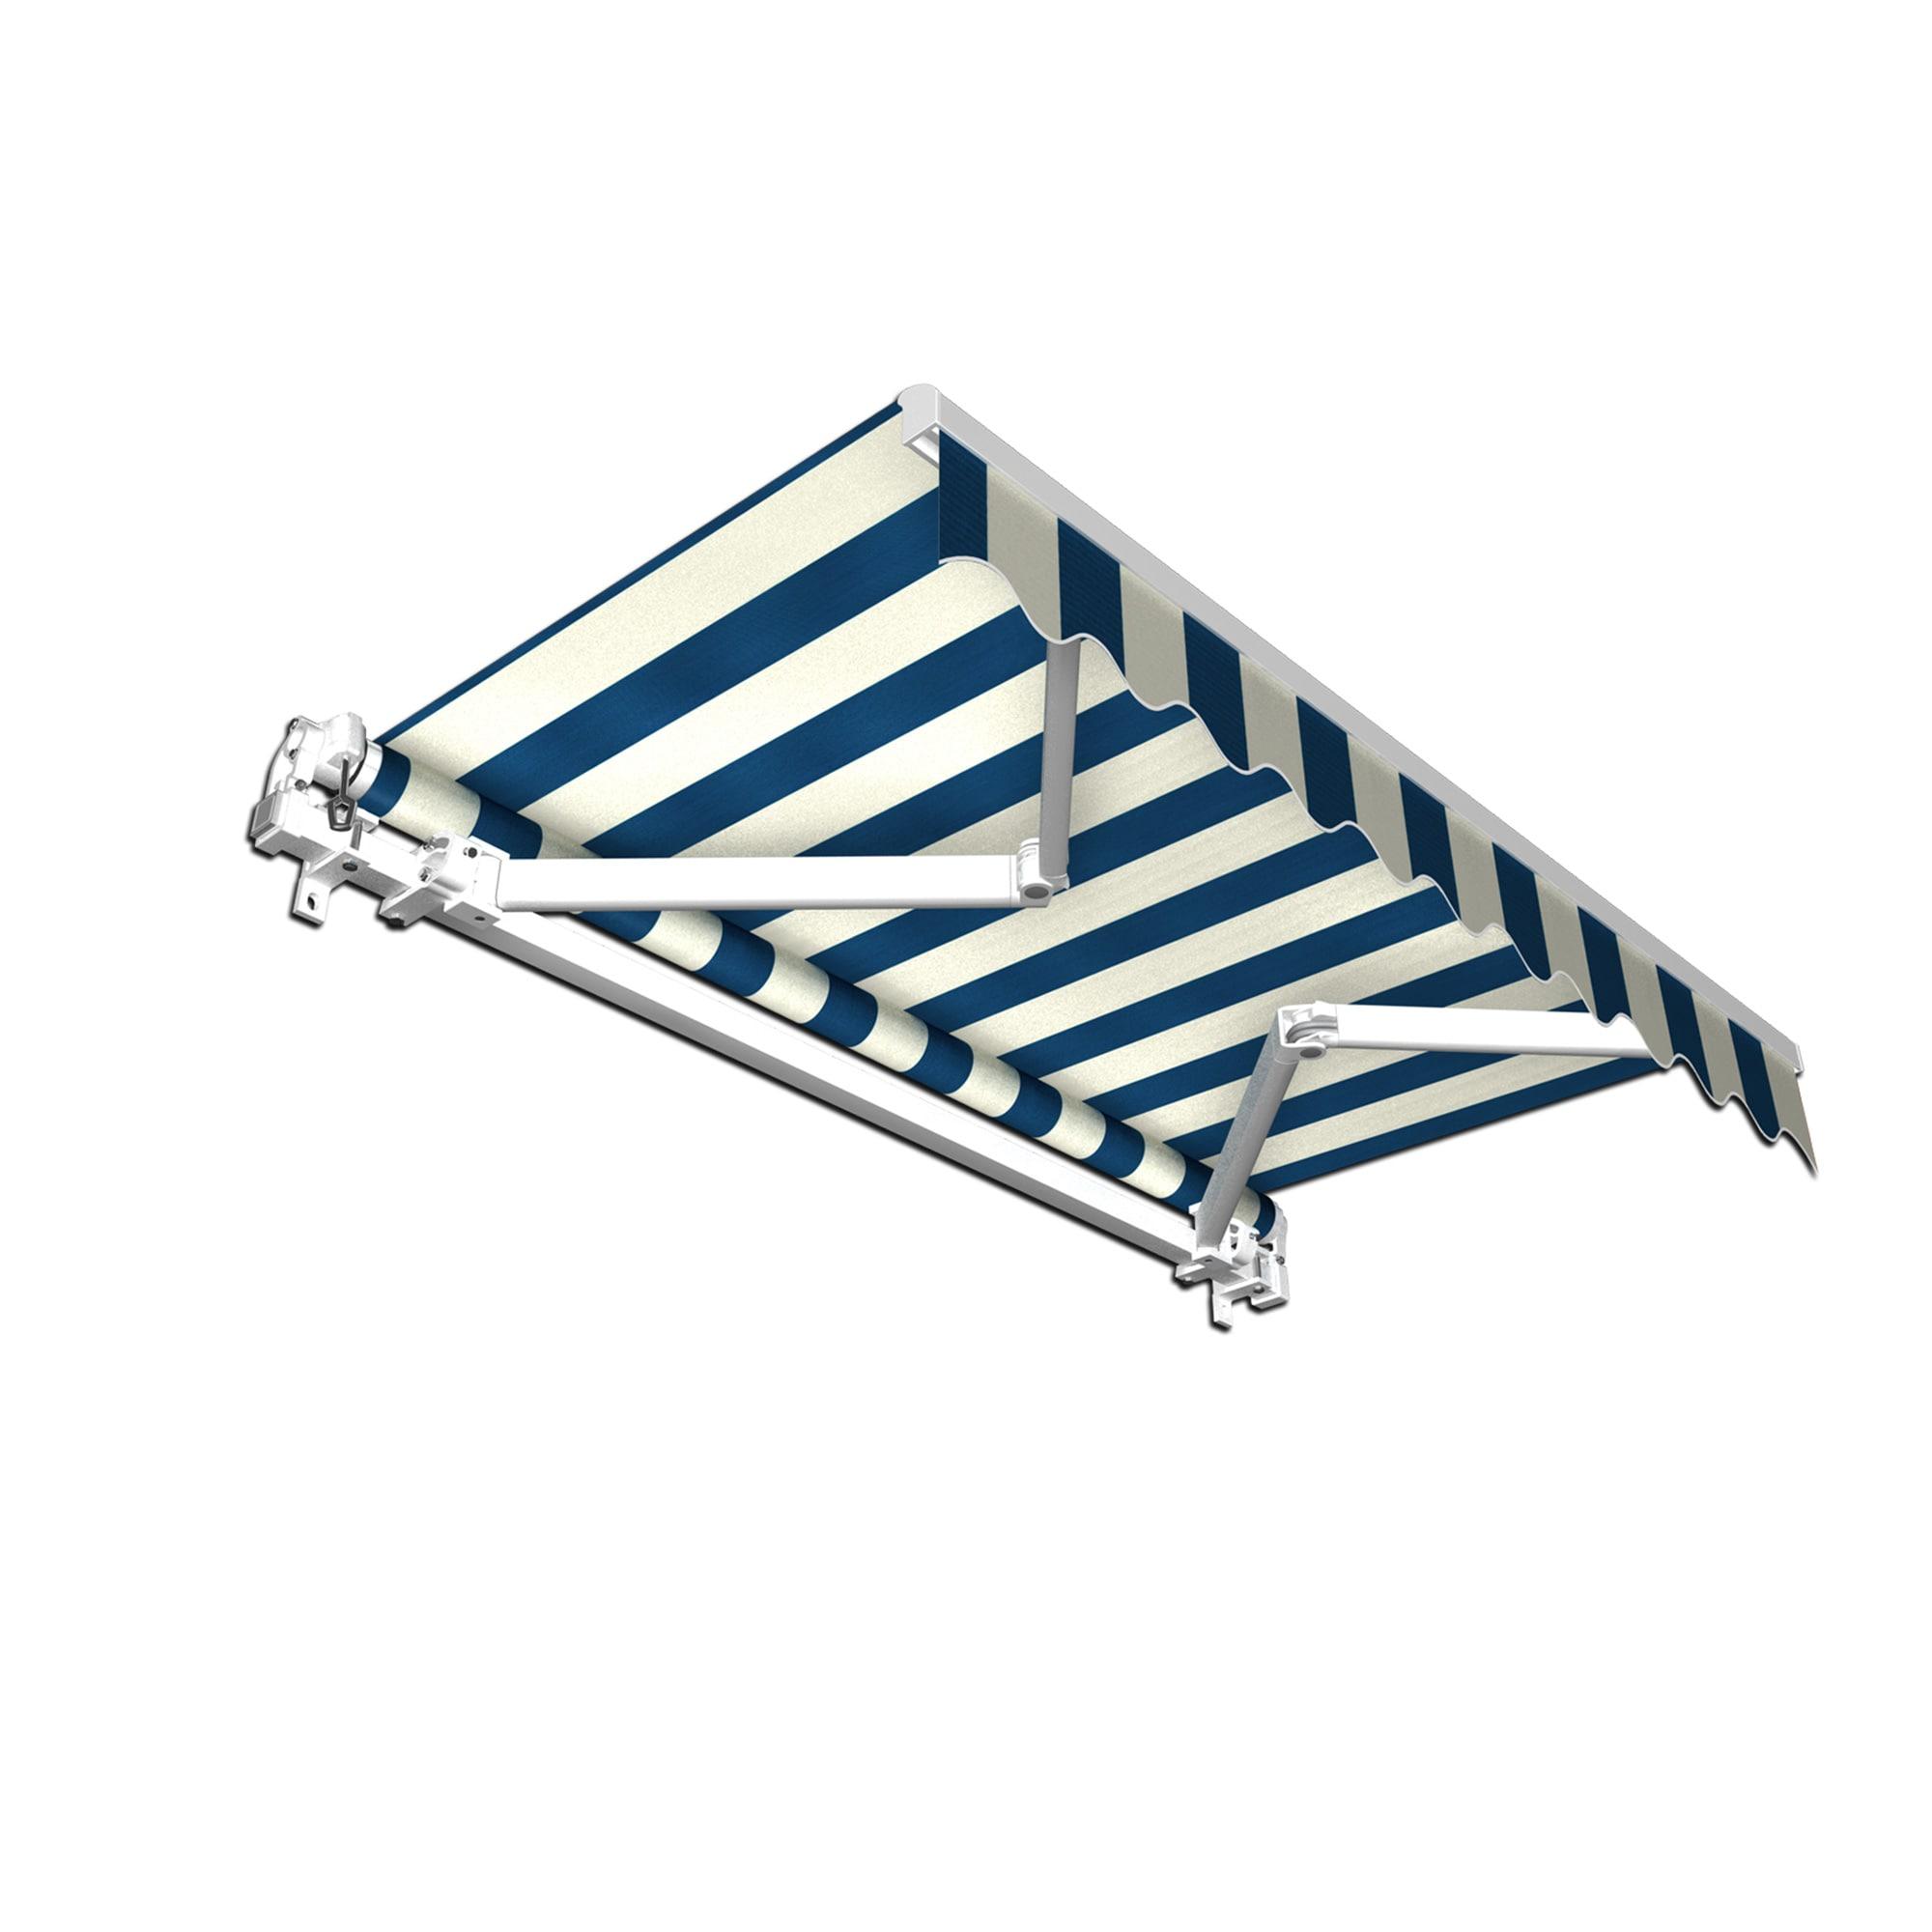 markise sonnenschutz terrasse alu gelenkarm sichtschutz windschutz balkonmarkise ebay. Black Bedroom Furniture Sets. Home Design Ideas